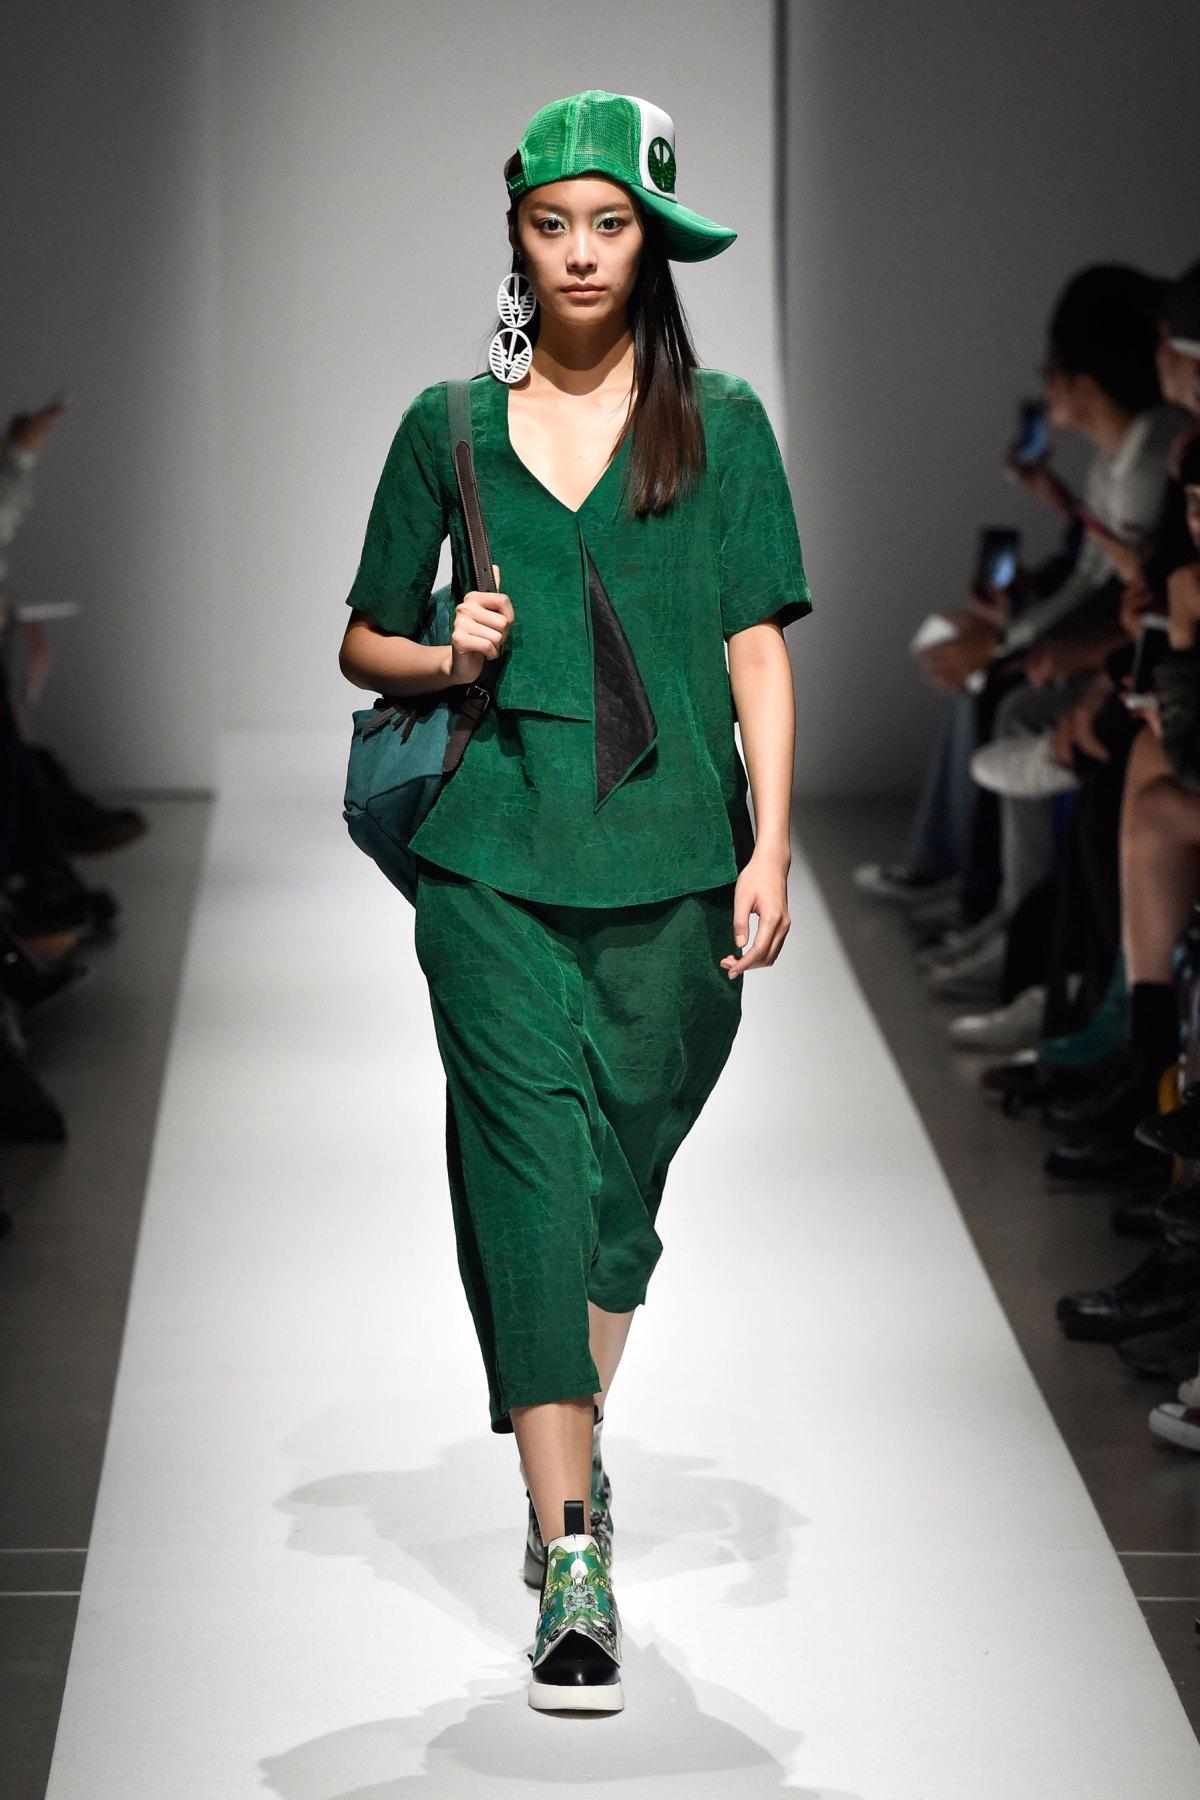 Fashion Hong Kong RS17 0069